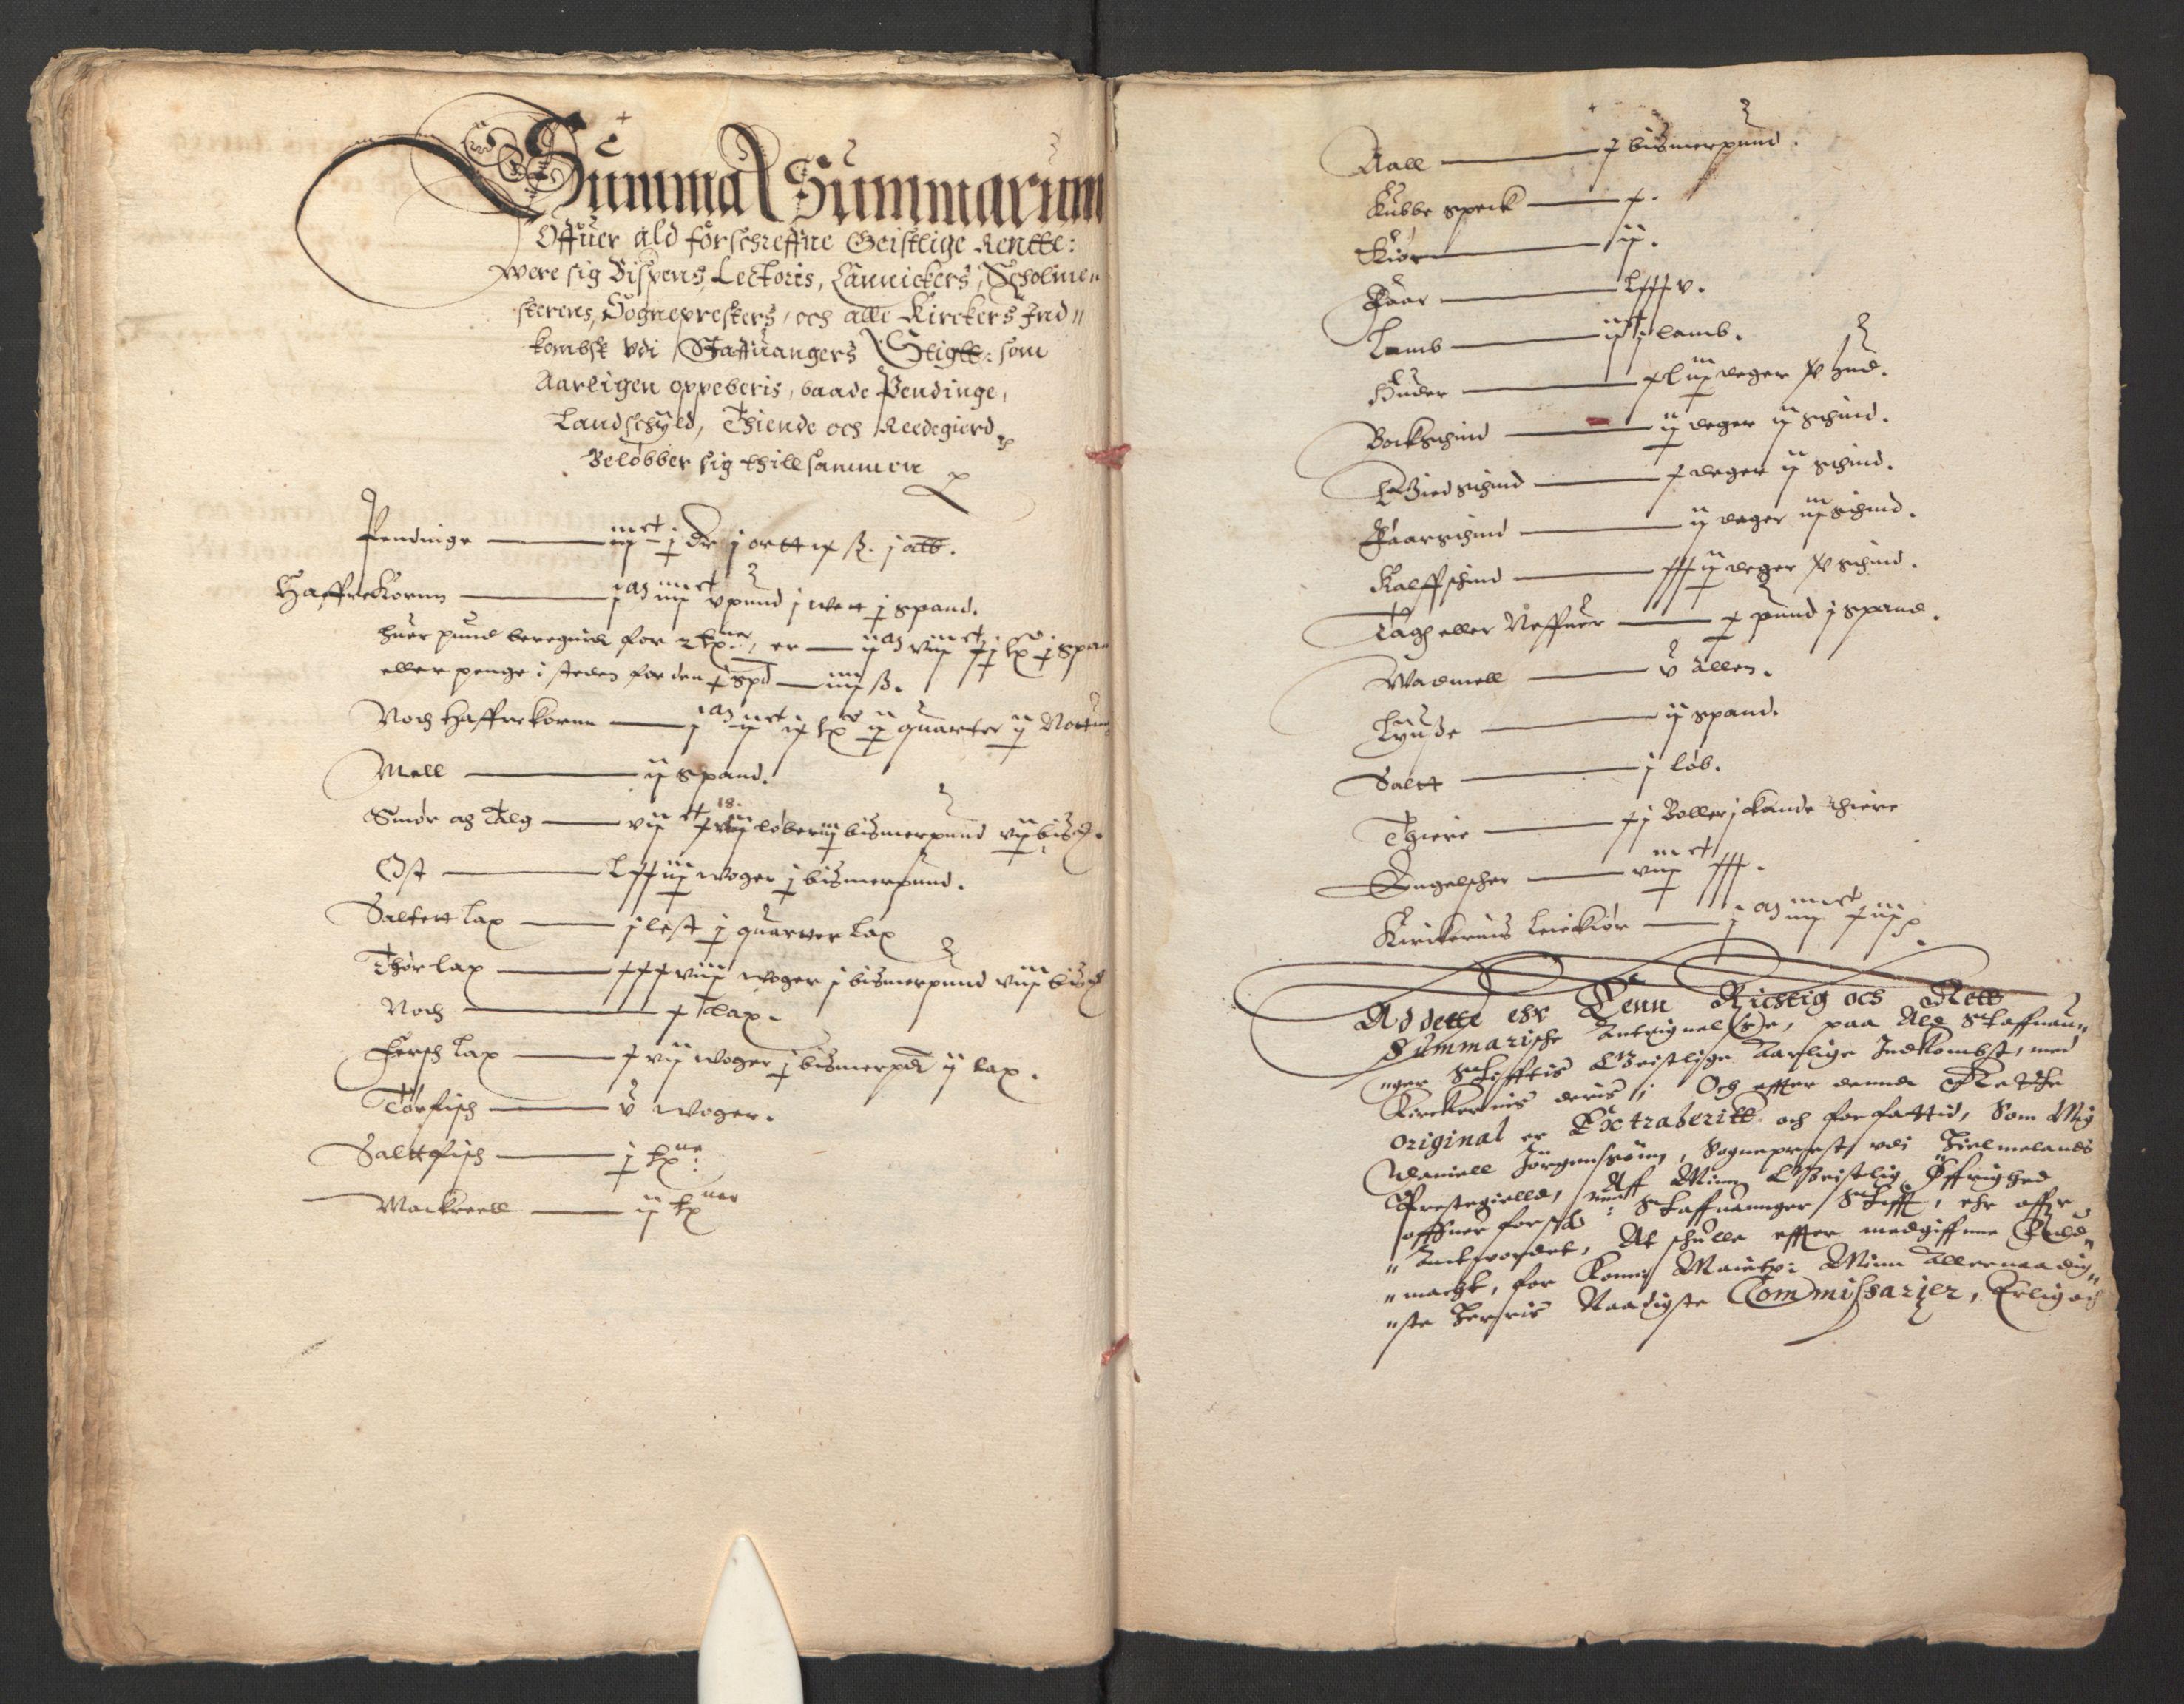 RA, Stattholderembetet 1572-1771, Ek/L0014: Jordebøker til utlikning av rosstjeneste 1624-1626:, 1625, s. 38